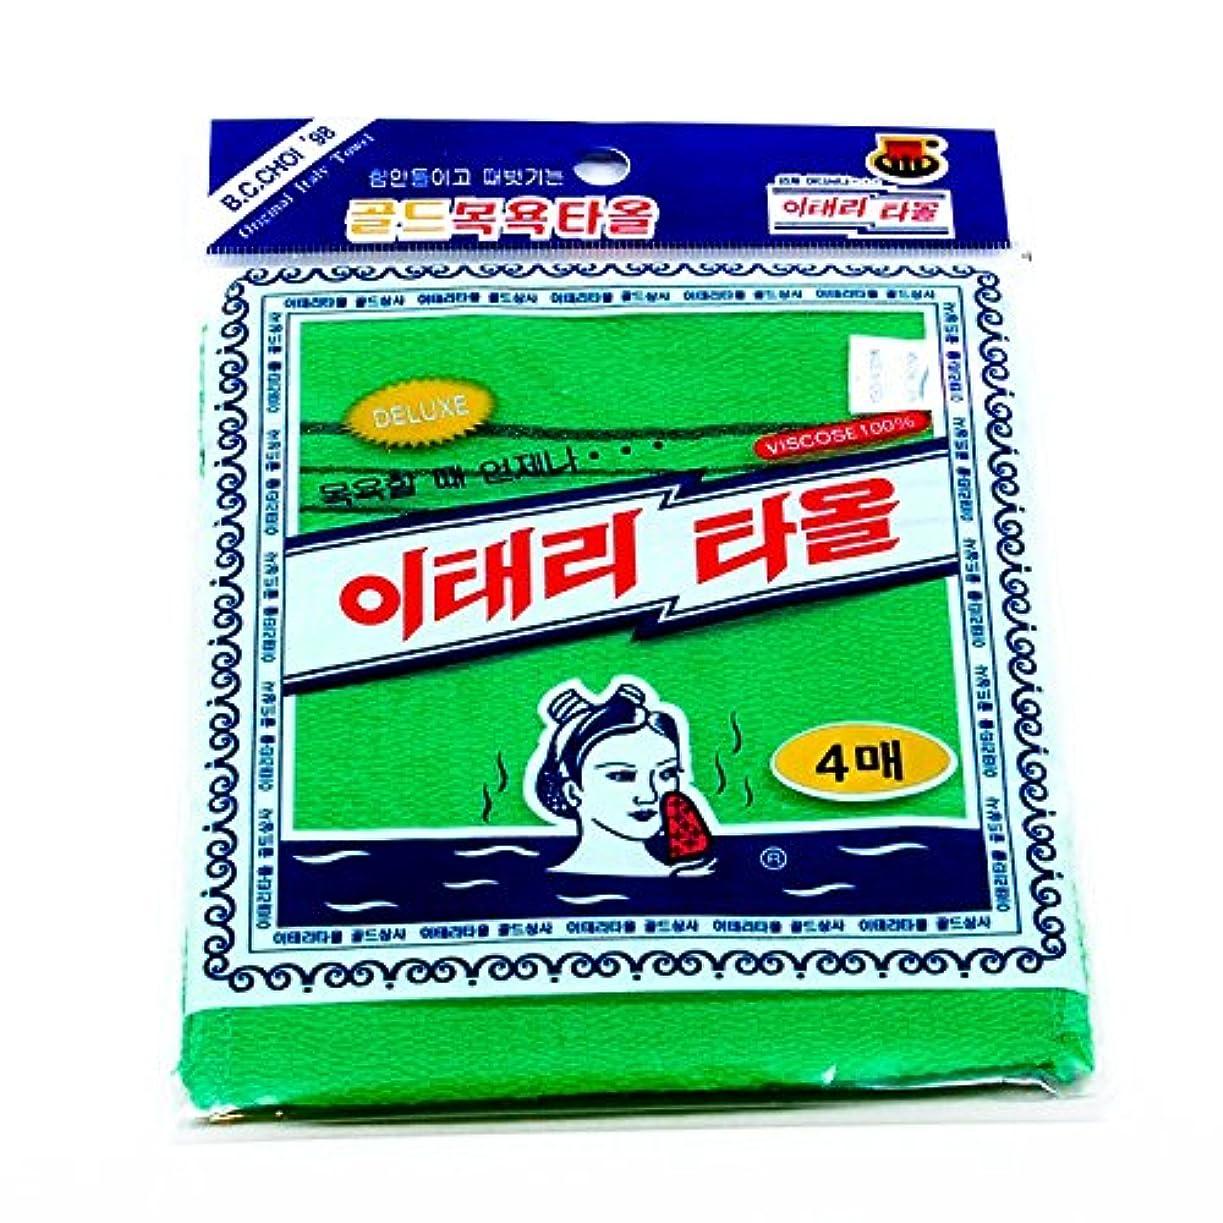 密伴う審判韓国式 あかすり タオル/Korean Exfoliating Bath Shower Towel/Body Scrubs - Made in Korea (Green) - 4Pcs [並行輸入品]